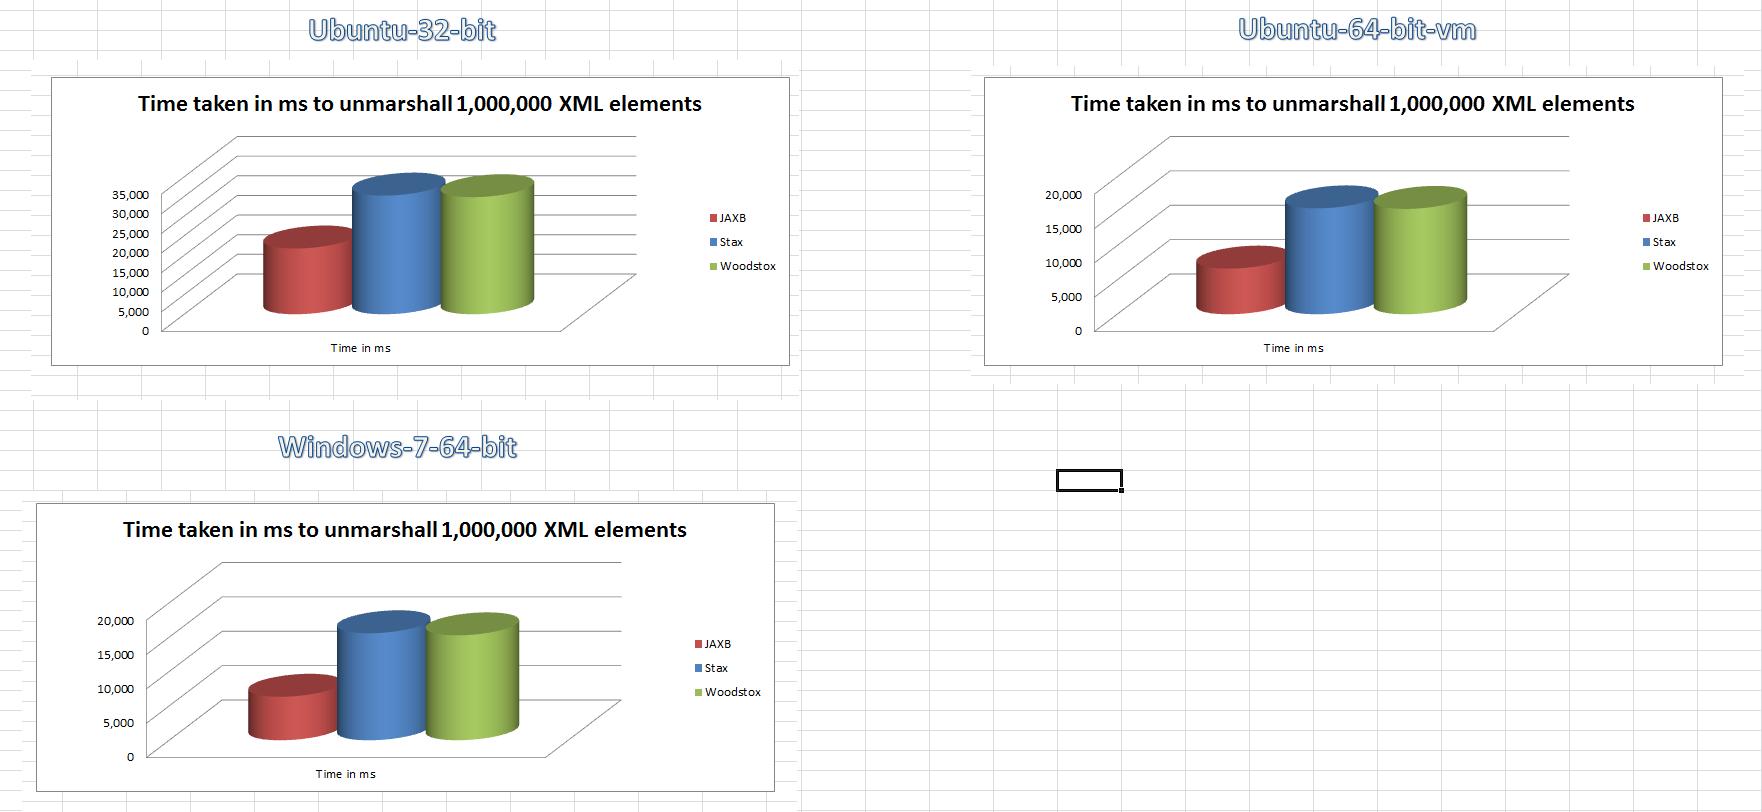 XML unmarshalling benchmark in Java: JAXB vs STax vs Woodstox